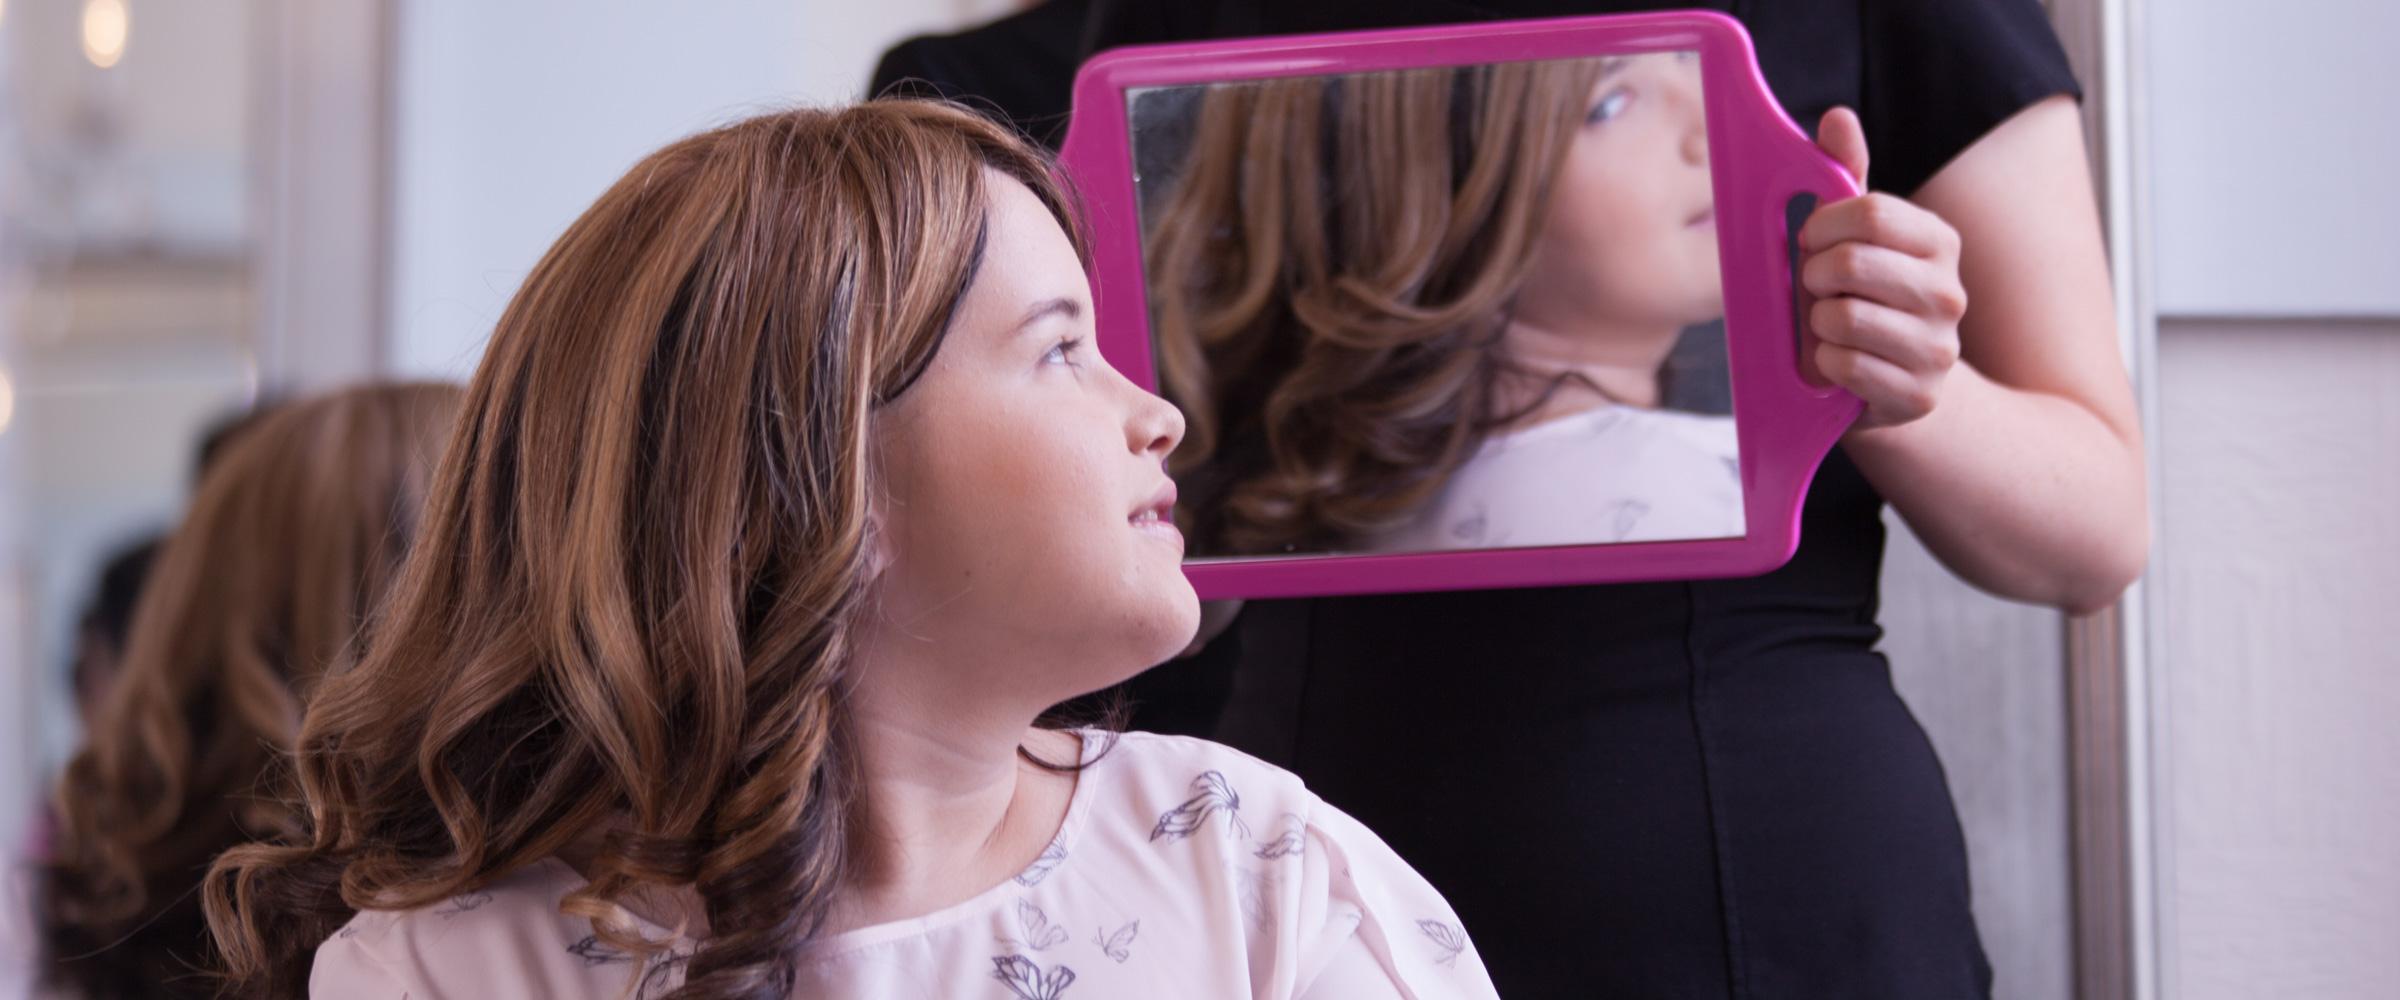 Teenage girl admires hair in mirror